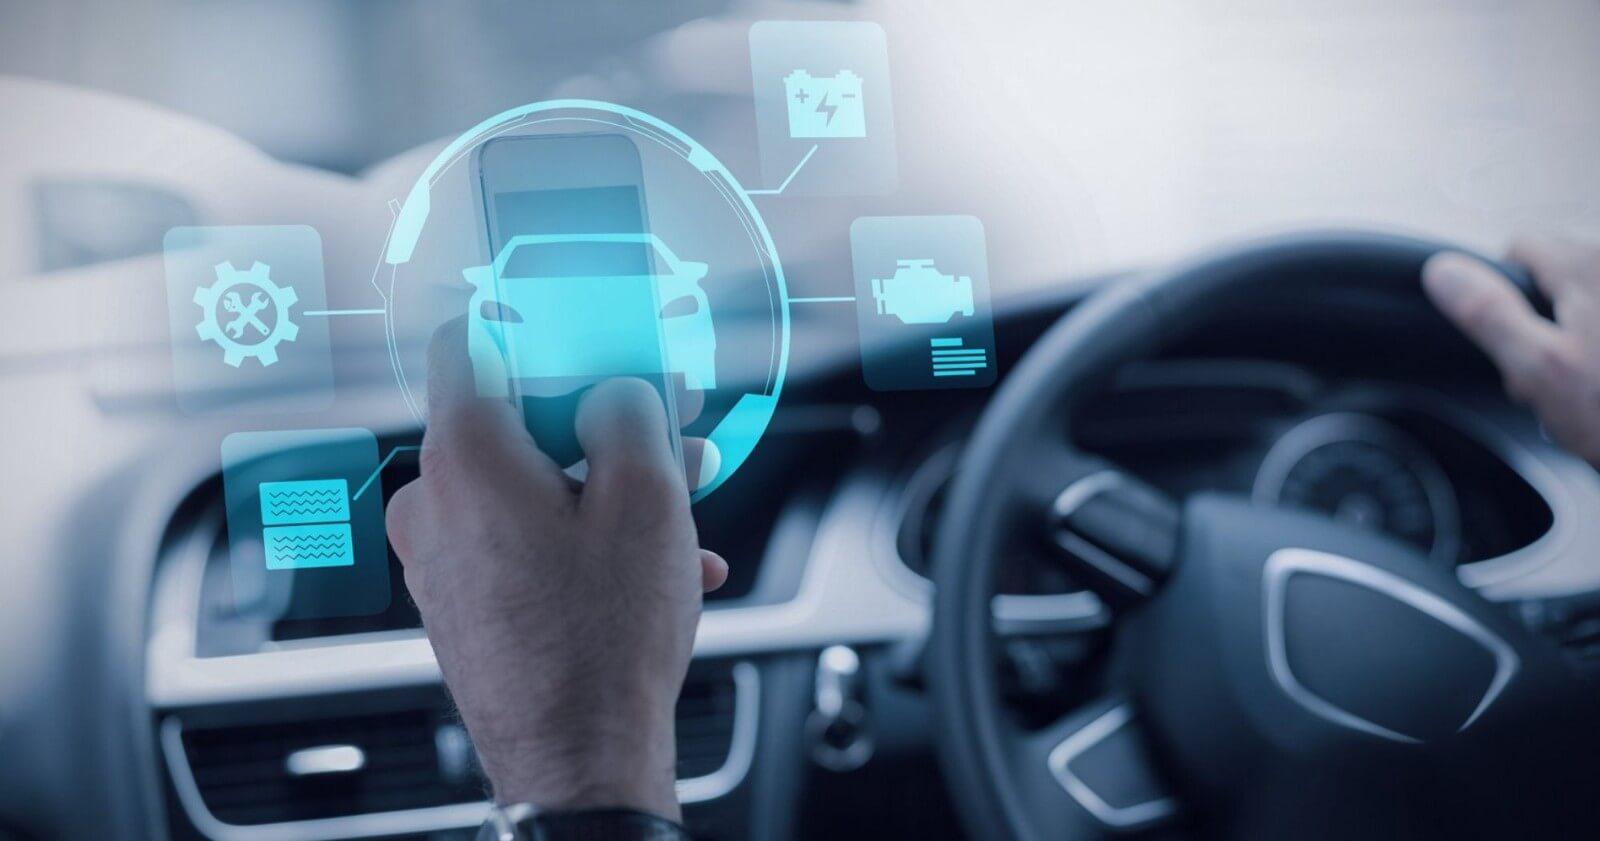 Как самоуправлямые автомобили будут становиться вежливыми?